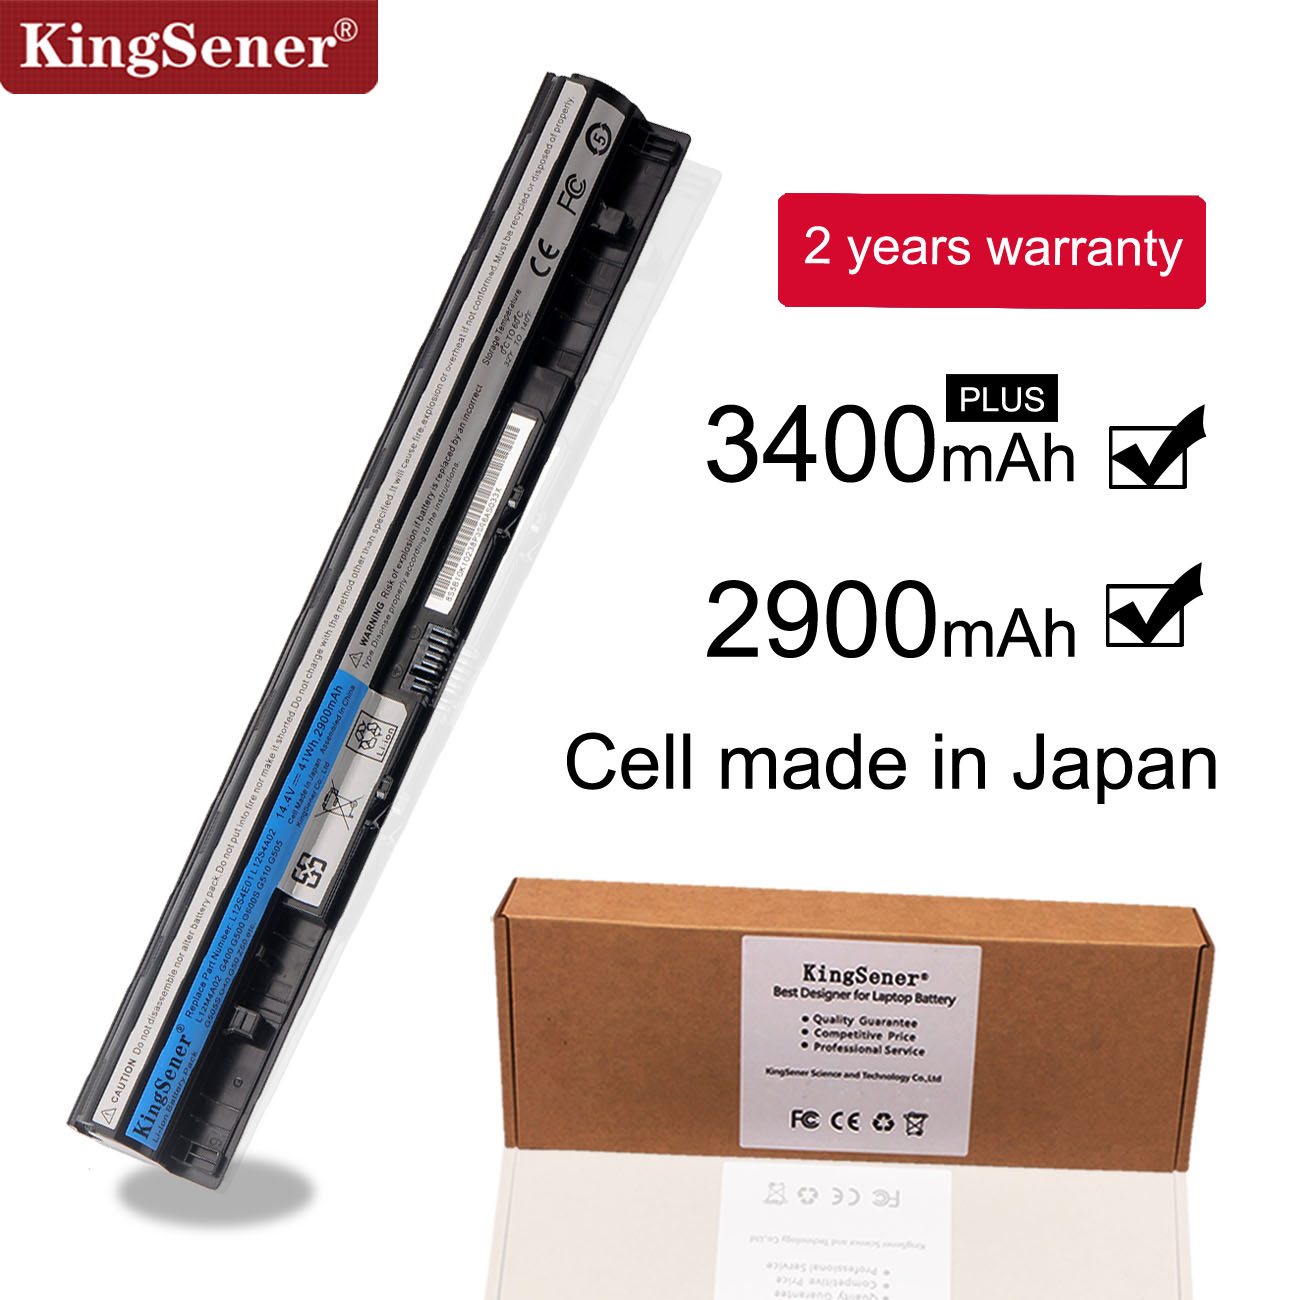 KingSener L12S4E01 ноутбук Батарея для lenovo Z40 Z50 G40 45 G50 30 G50 70 G50 75 G50 80 G400S G500S L12M4E01 L12M4A02 L12S4A02